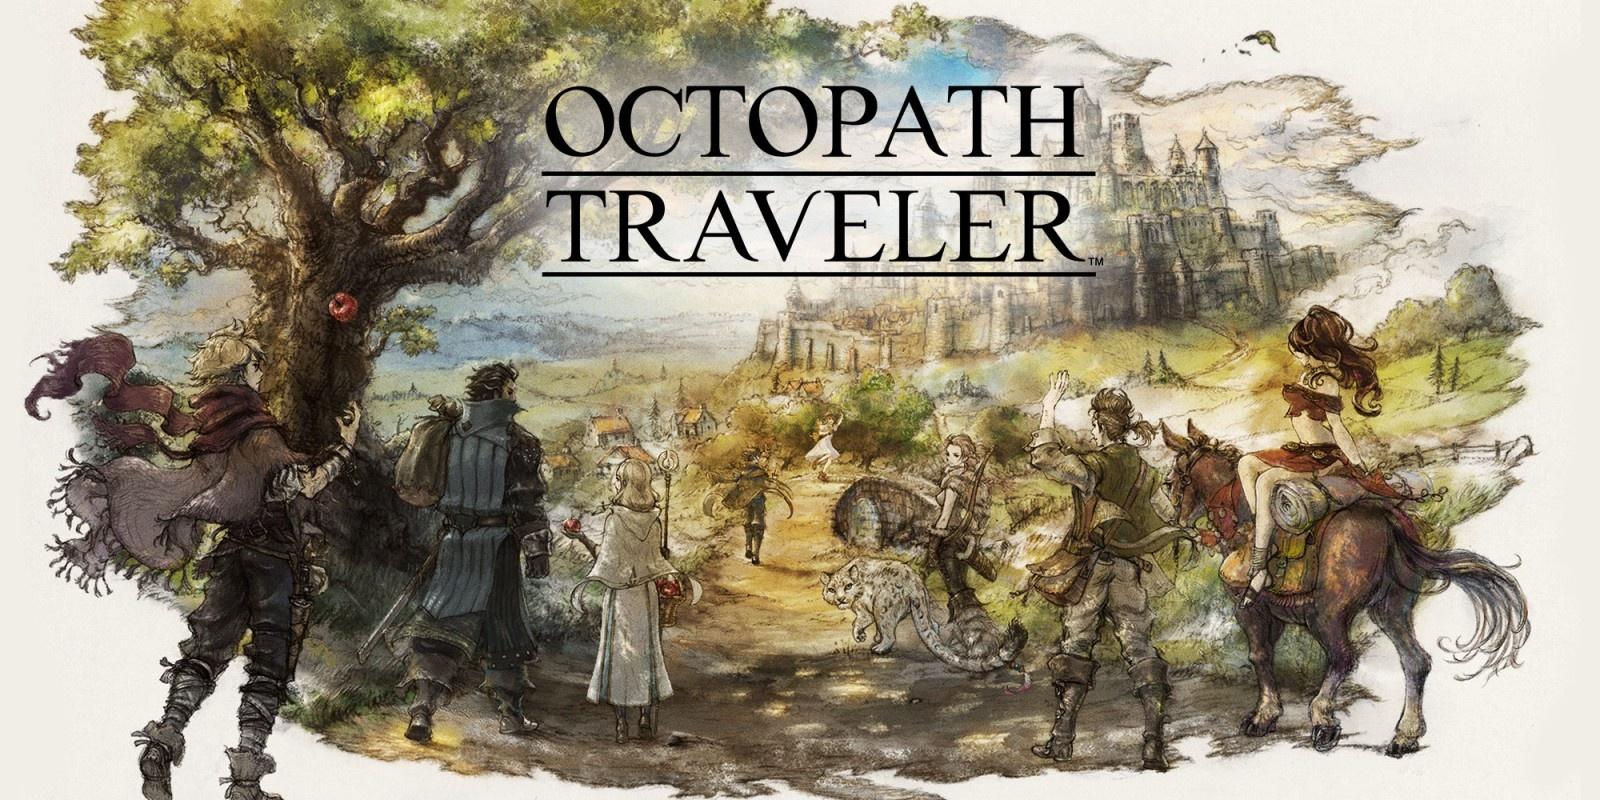 juego Octopath Traveler